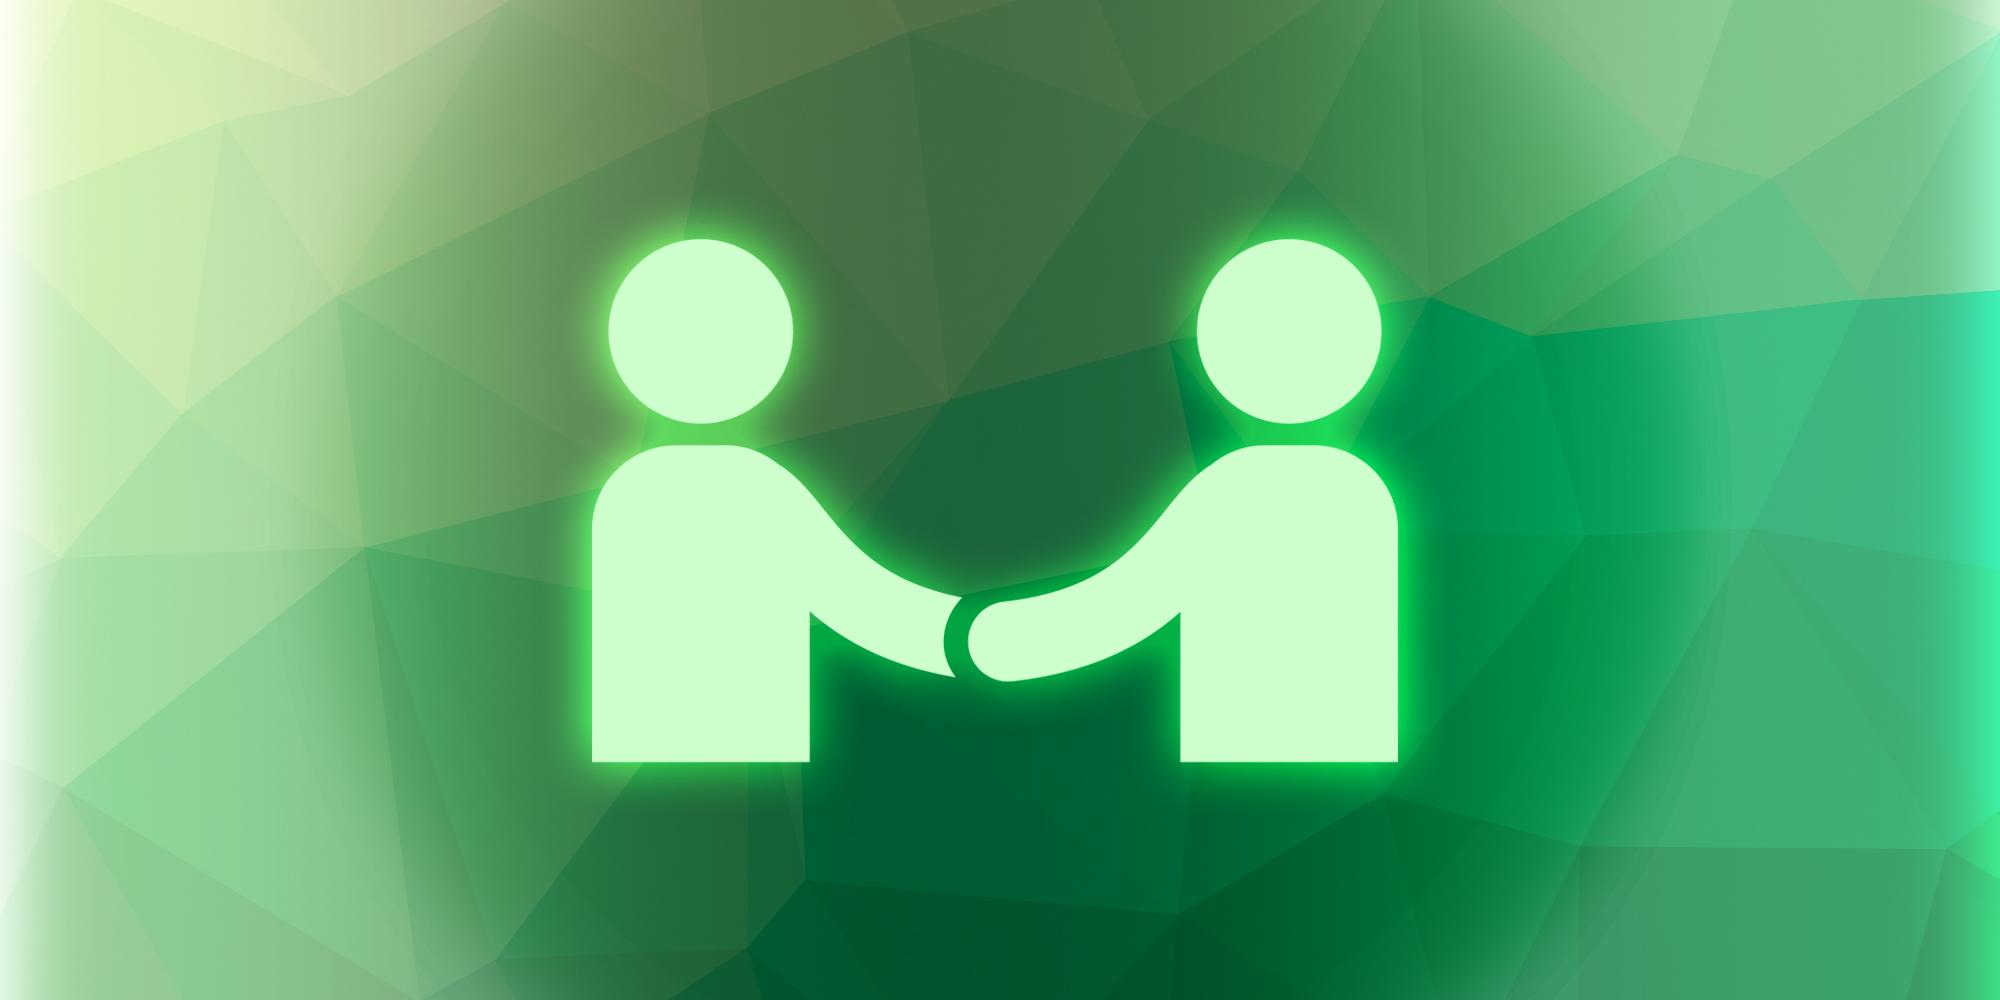 021_Establish and Maintain an Accountability Group.jpg